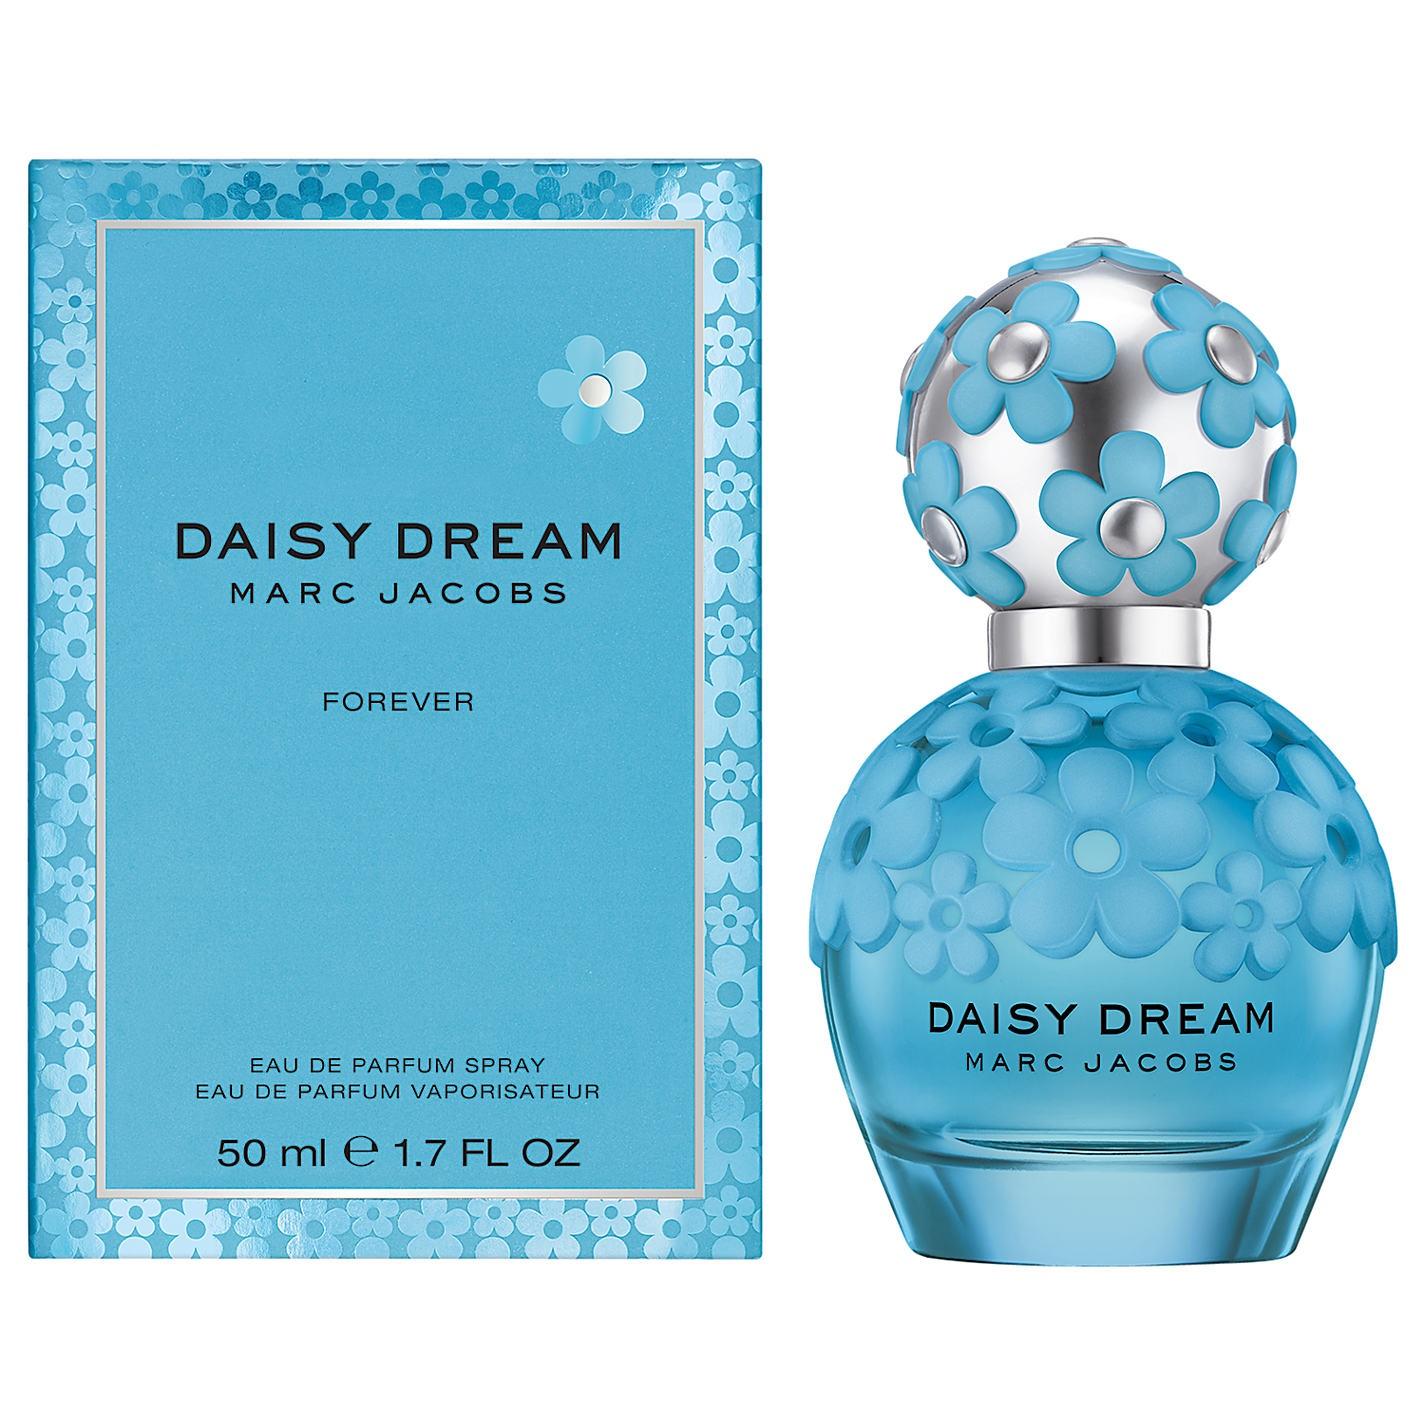 Marc Jacobs Daisy Dream Forever parfémovaná voda 50 ml + výdejní místa po celé ČR